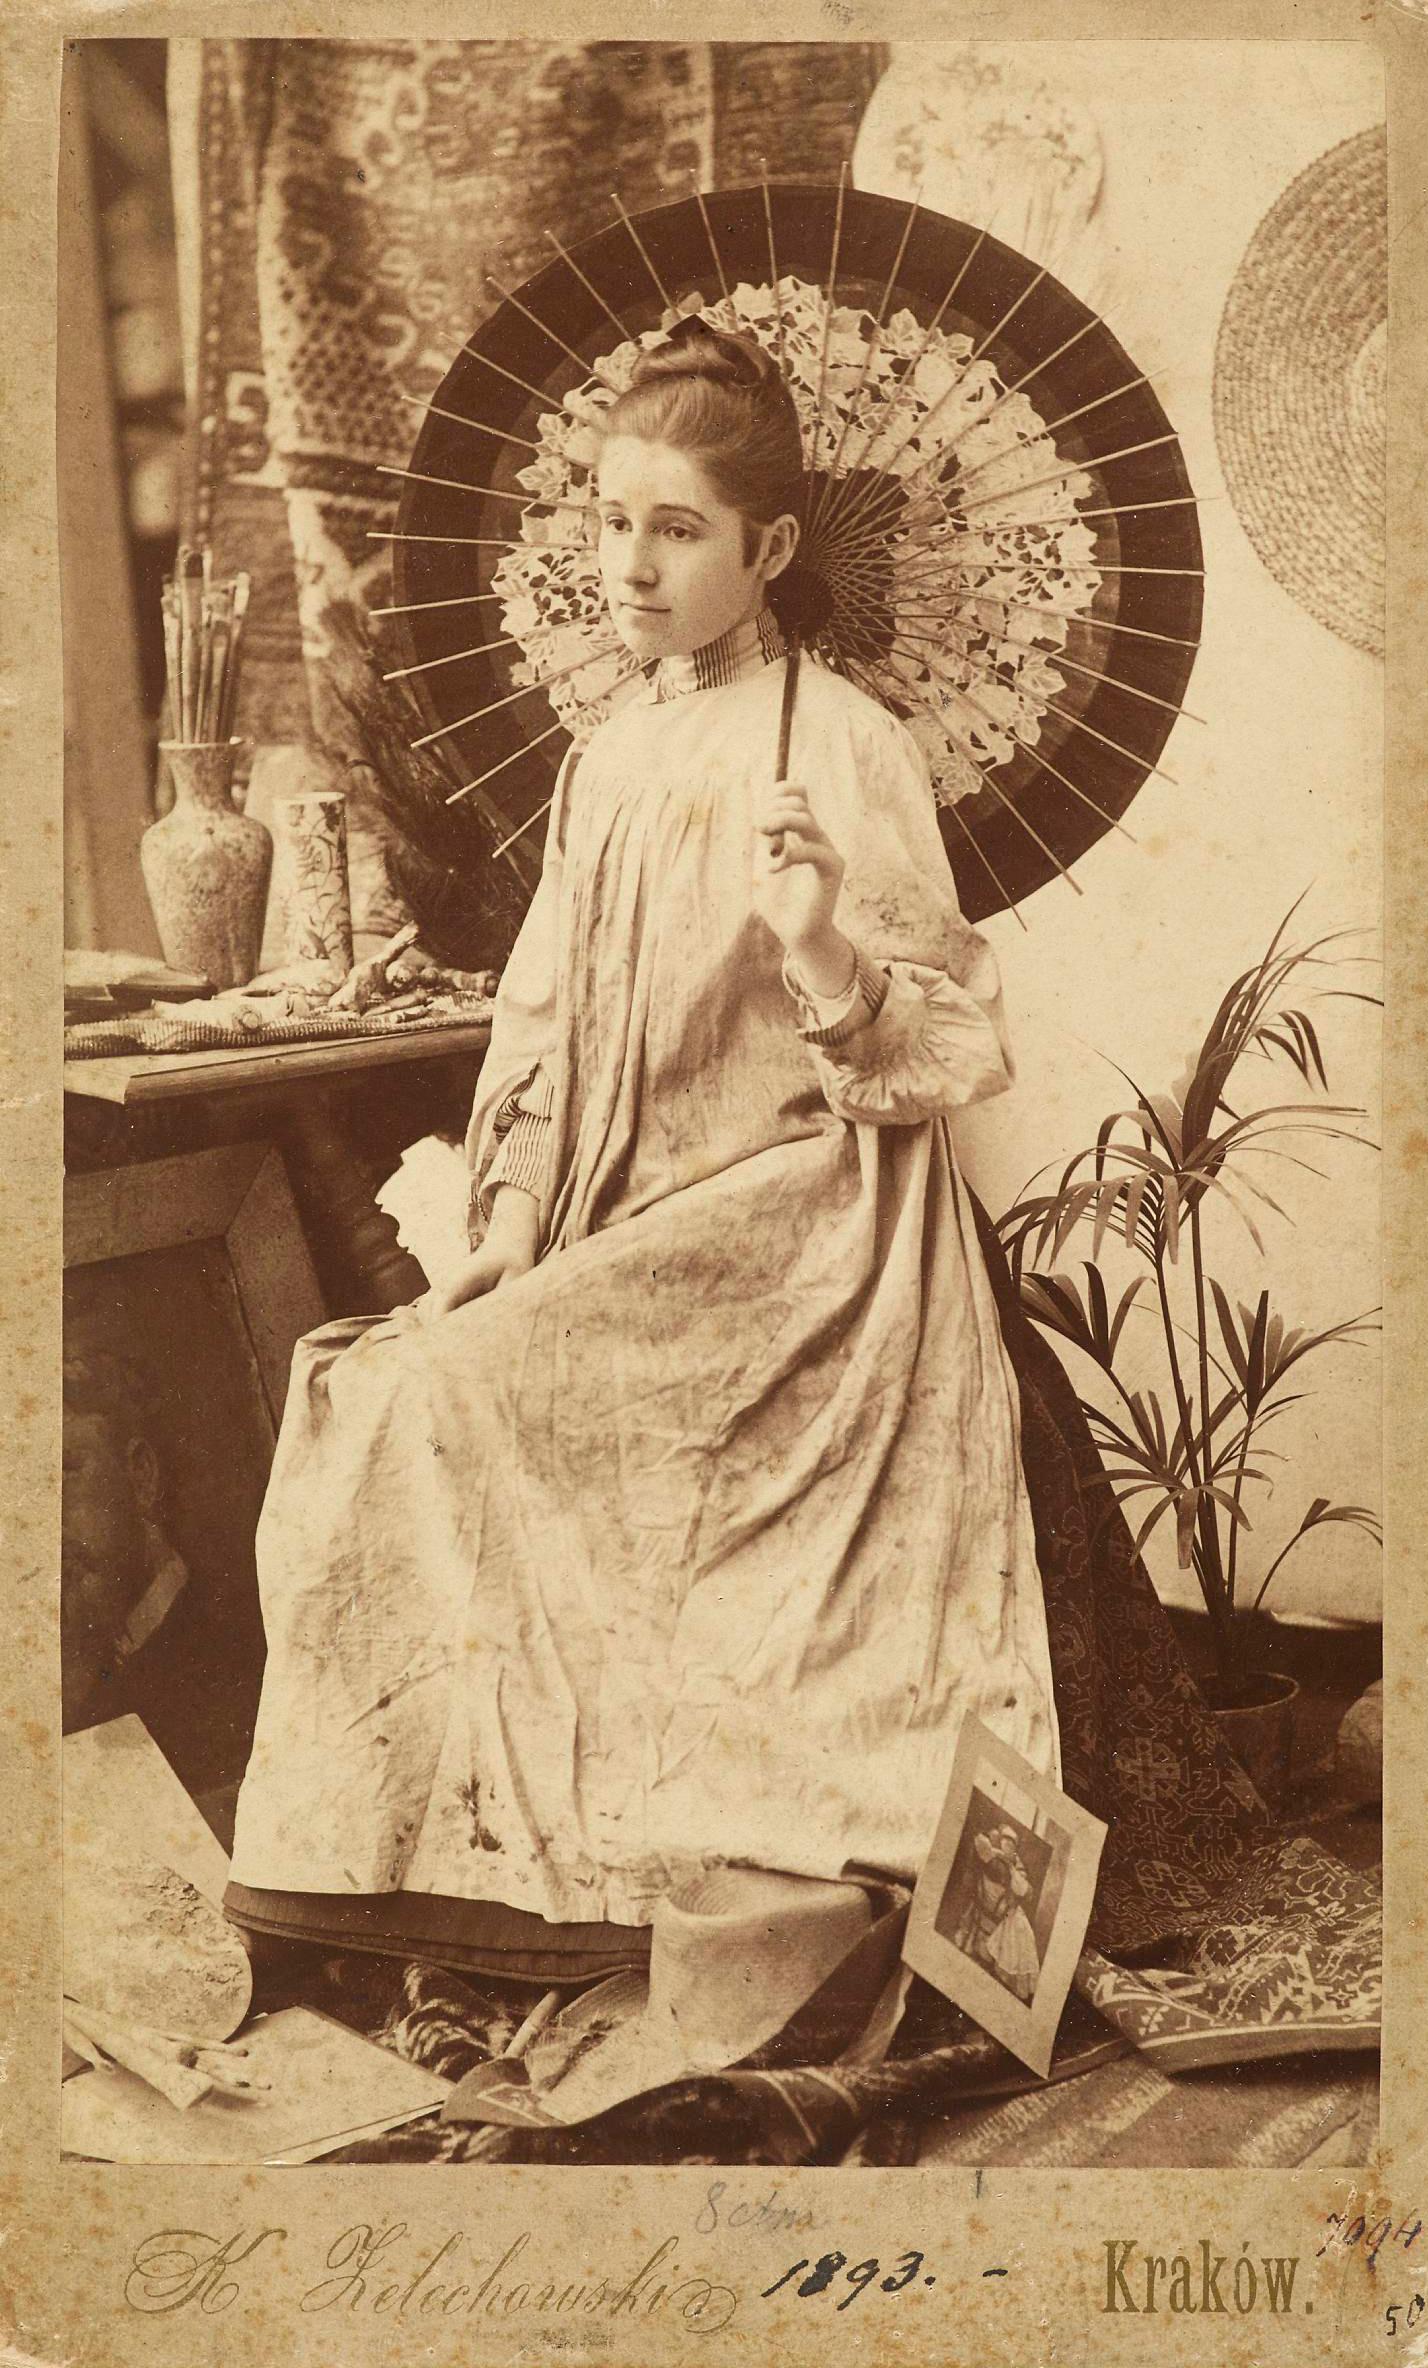 Fotografia Olgi Boznańskiej z japońską parasolką, 1893 rok, źródło: Muzeum Narodowe w Warszawie